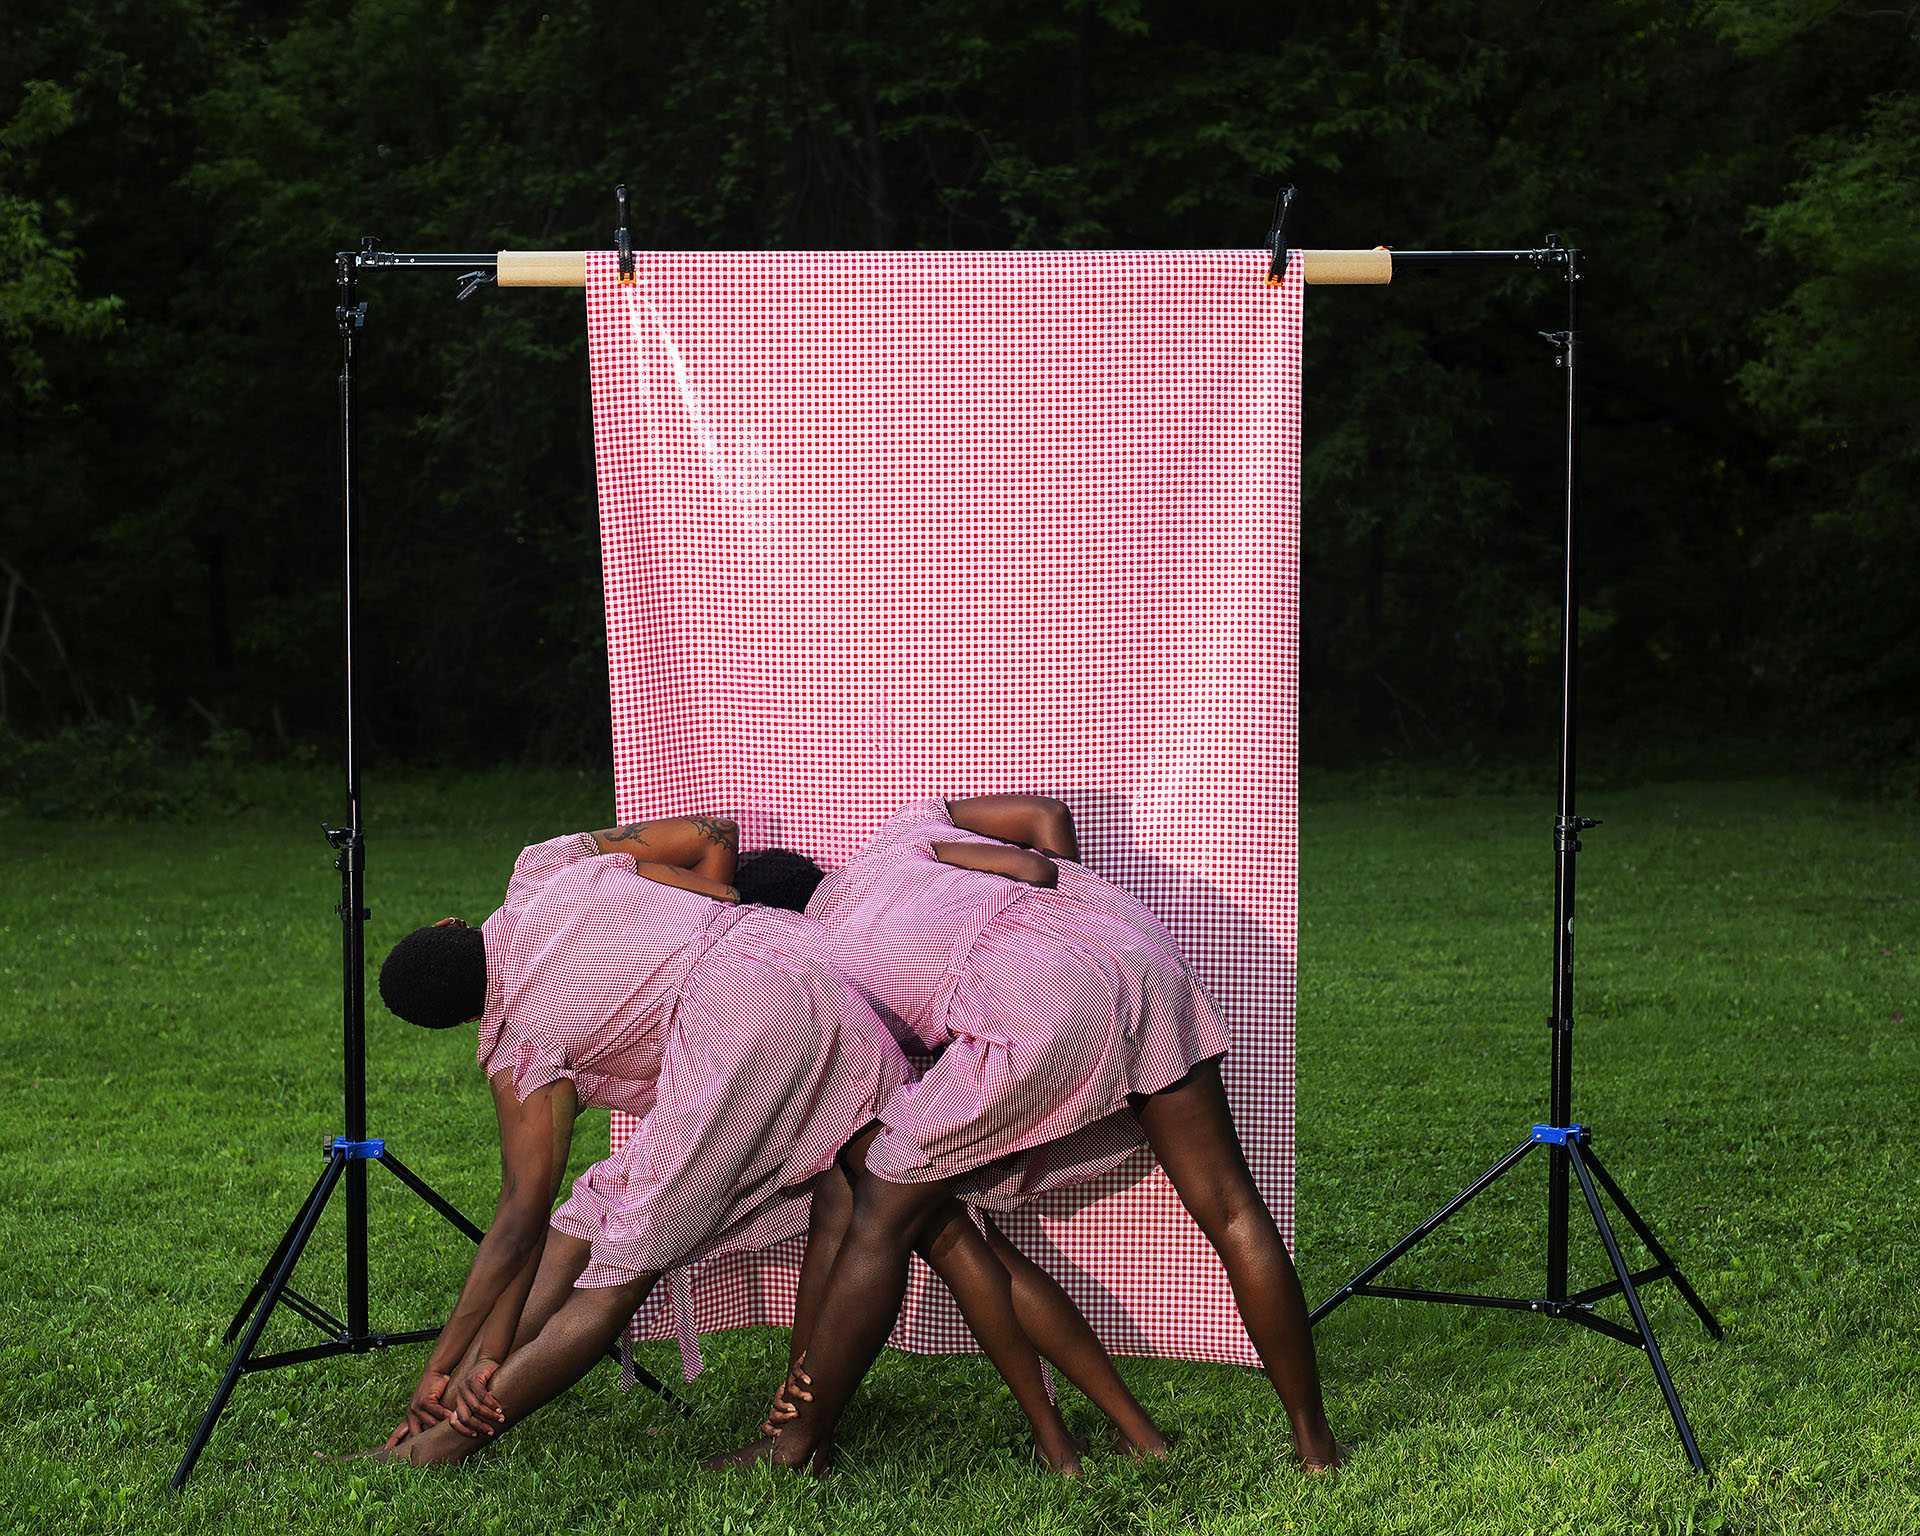 Bristol Photo Festival